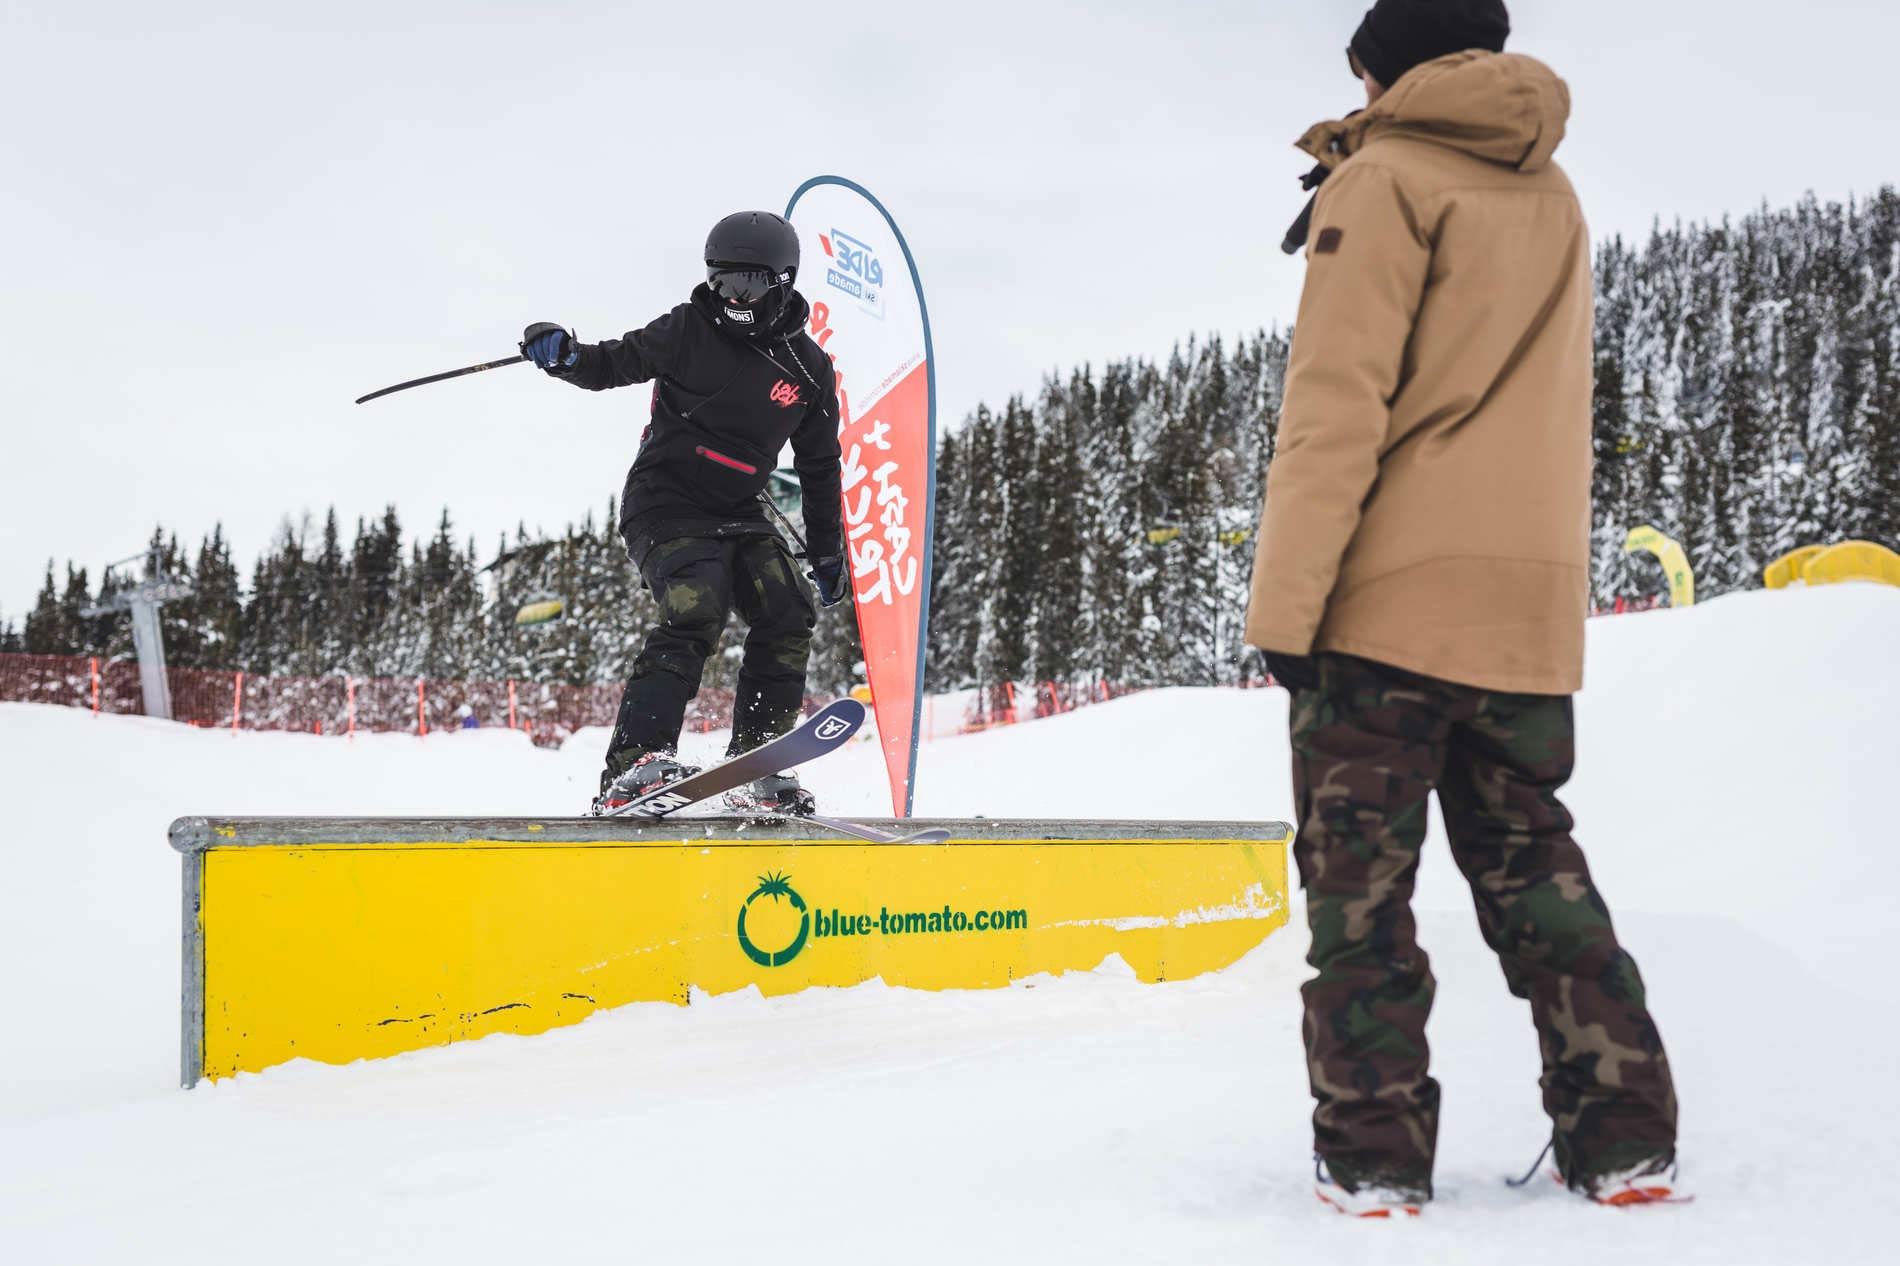 """Bei der Ride Ski amadé """"Cash 4 Tricks Tour 2020"""" ist jeder willkommen - egal ob auf Skiern oder auf dem Snowboard - Foto: Hannes Mautner"""